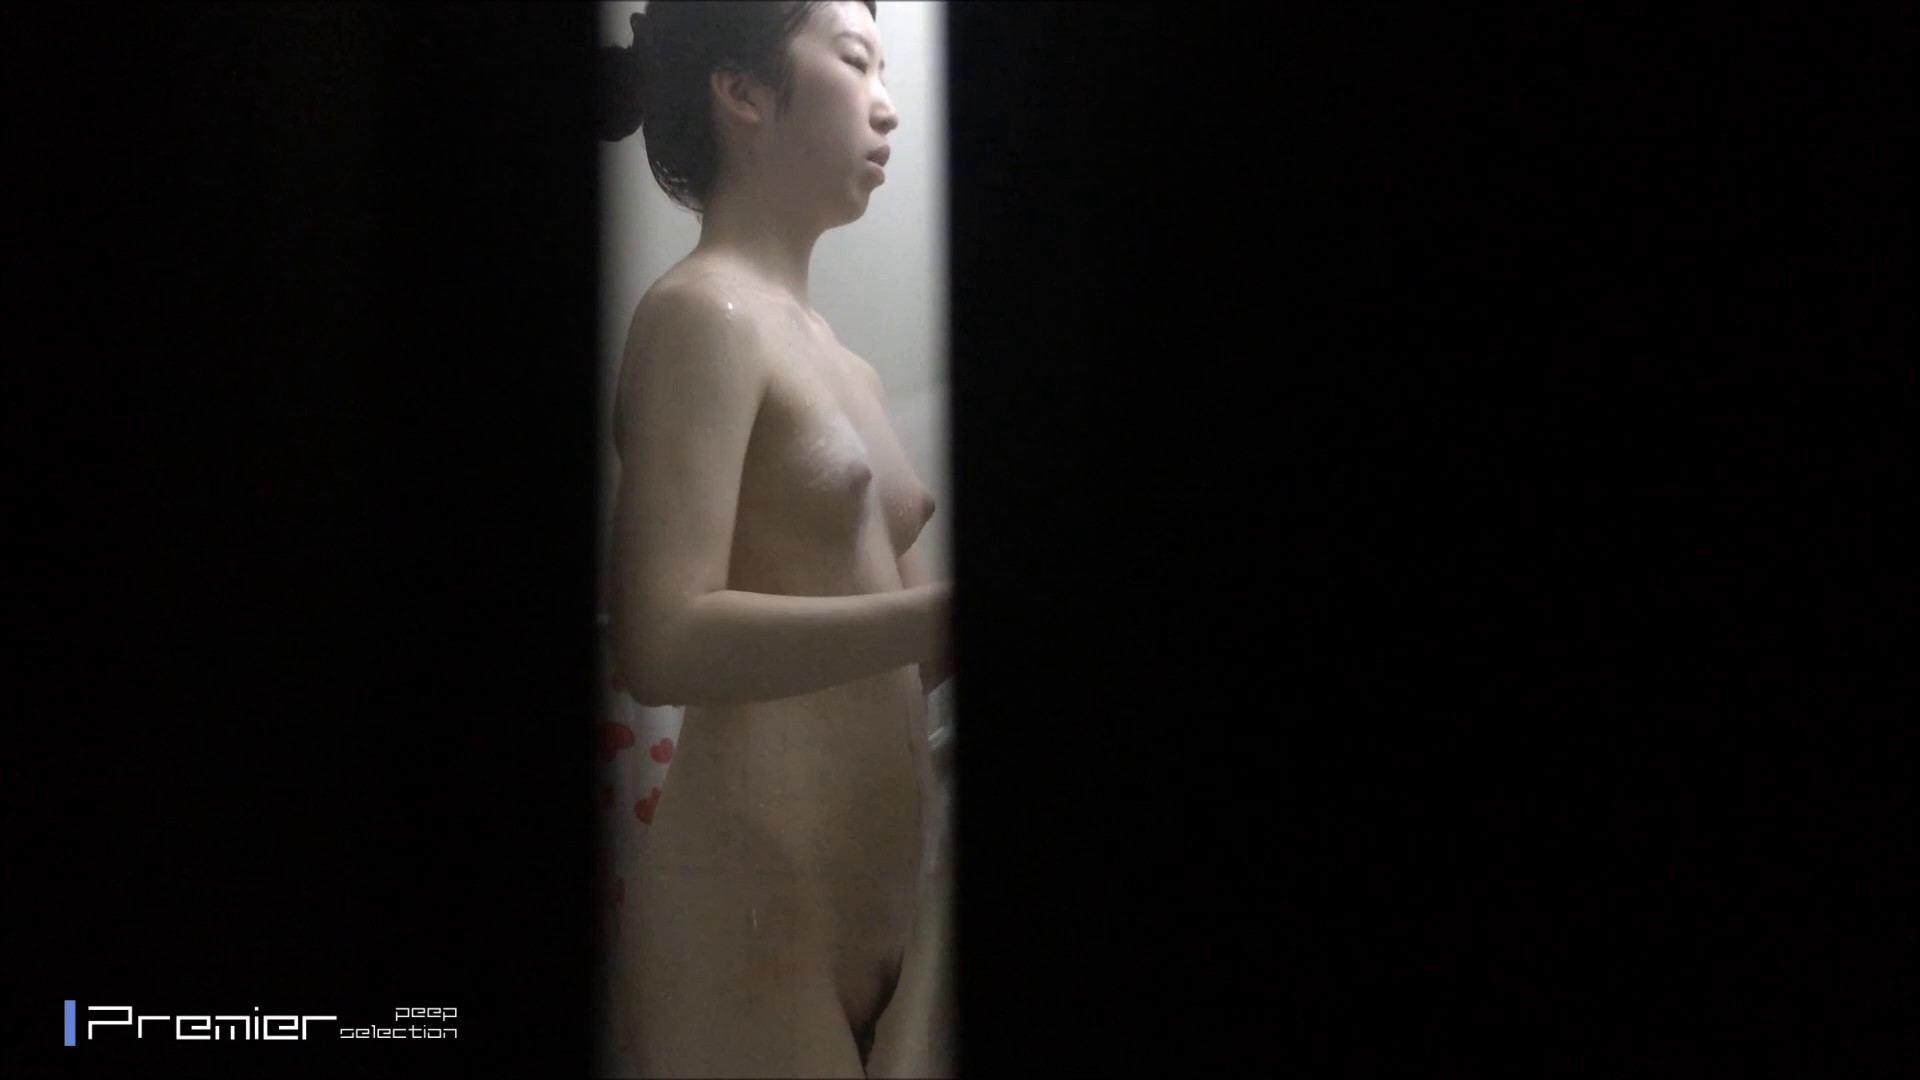 笑顔のスポーツ美女 乙女の風呂場 Vol.23 乙女ちゃん AV無料動画キャプチャ 54連発 8